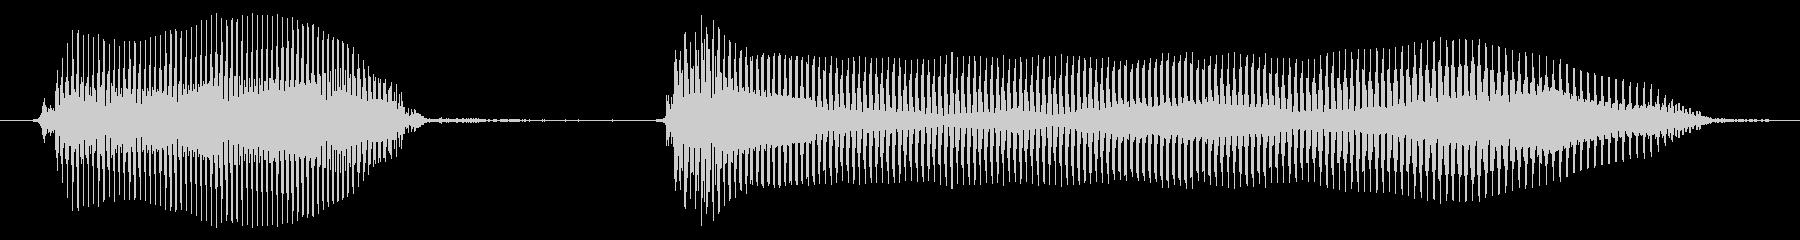 ダウトーの未再生の波形